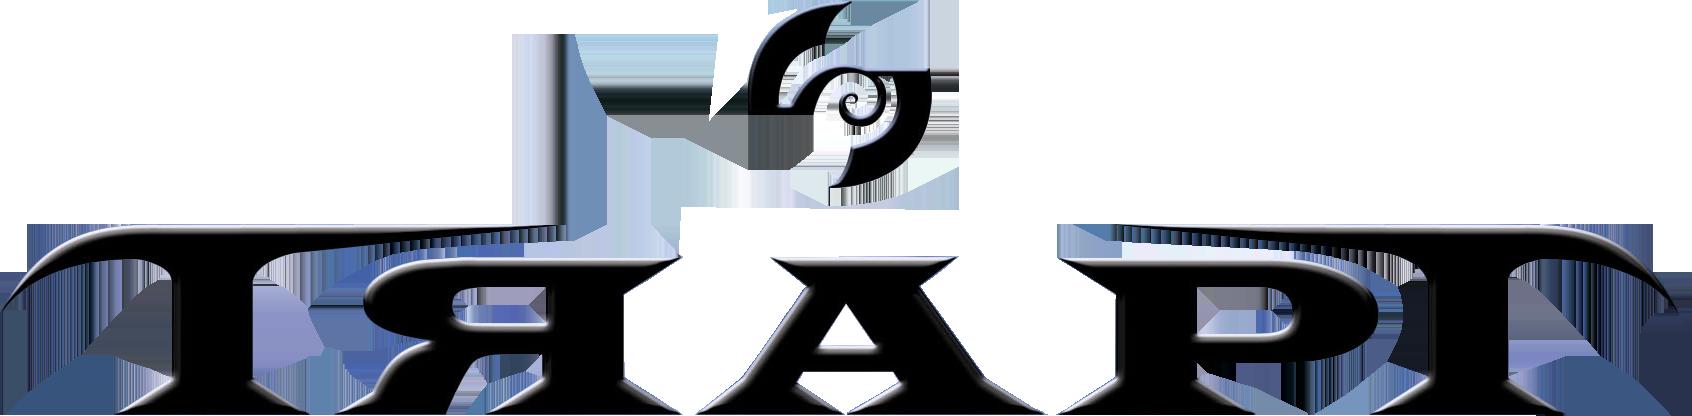 Trapt | TRAPEDIA | FANDOM powered by Wikia